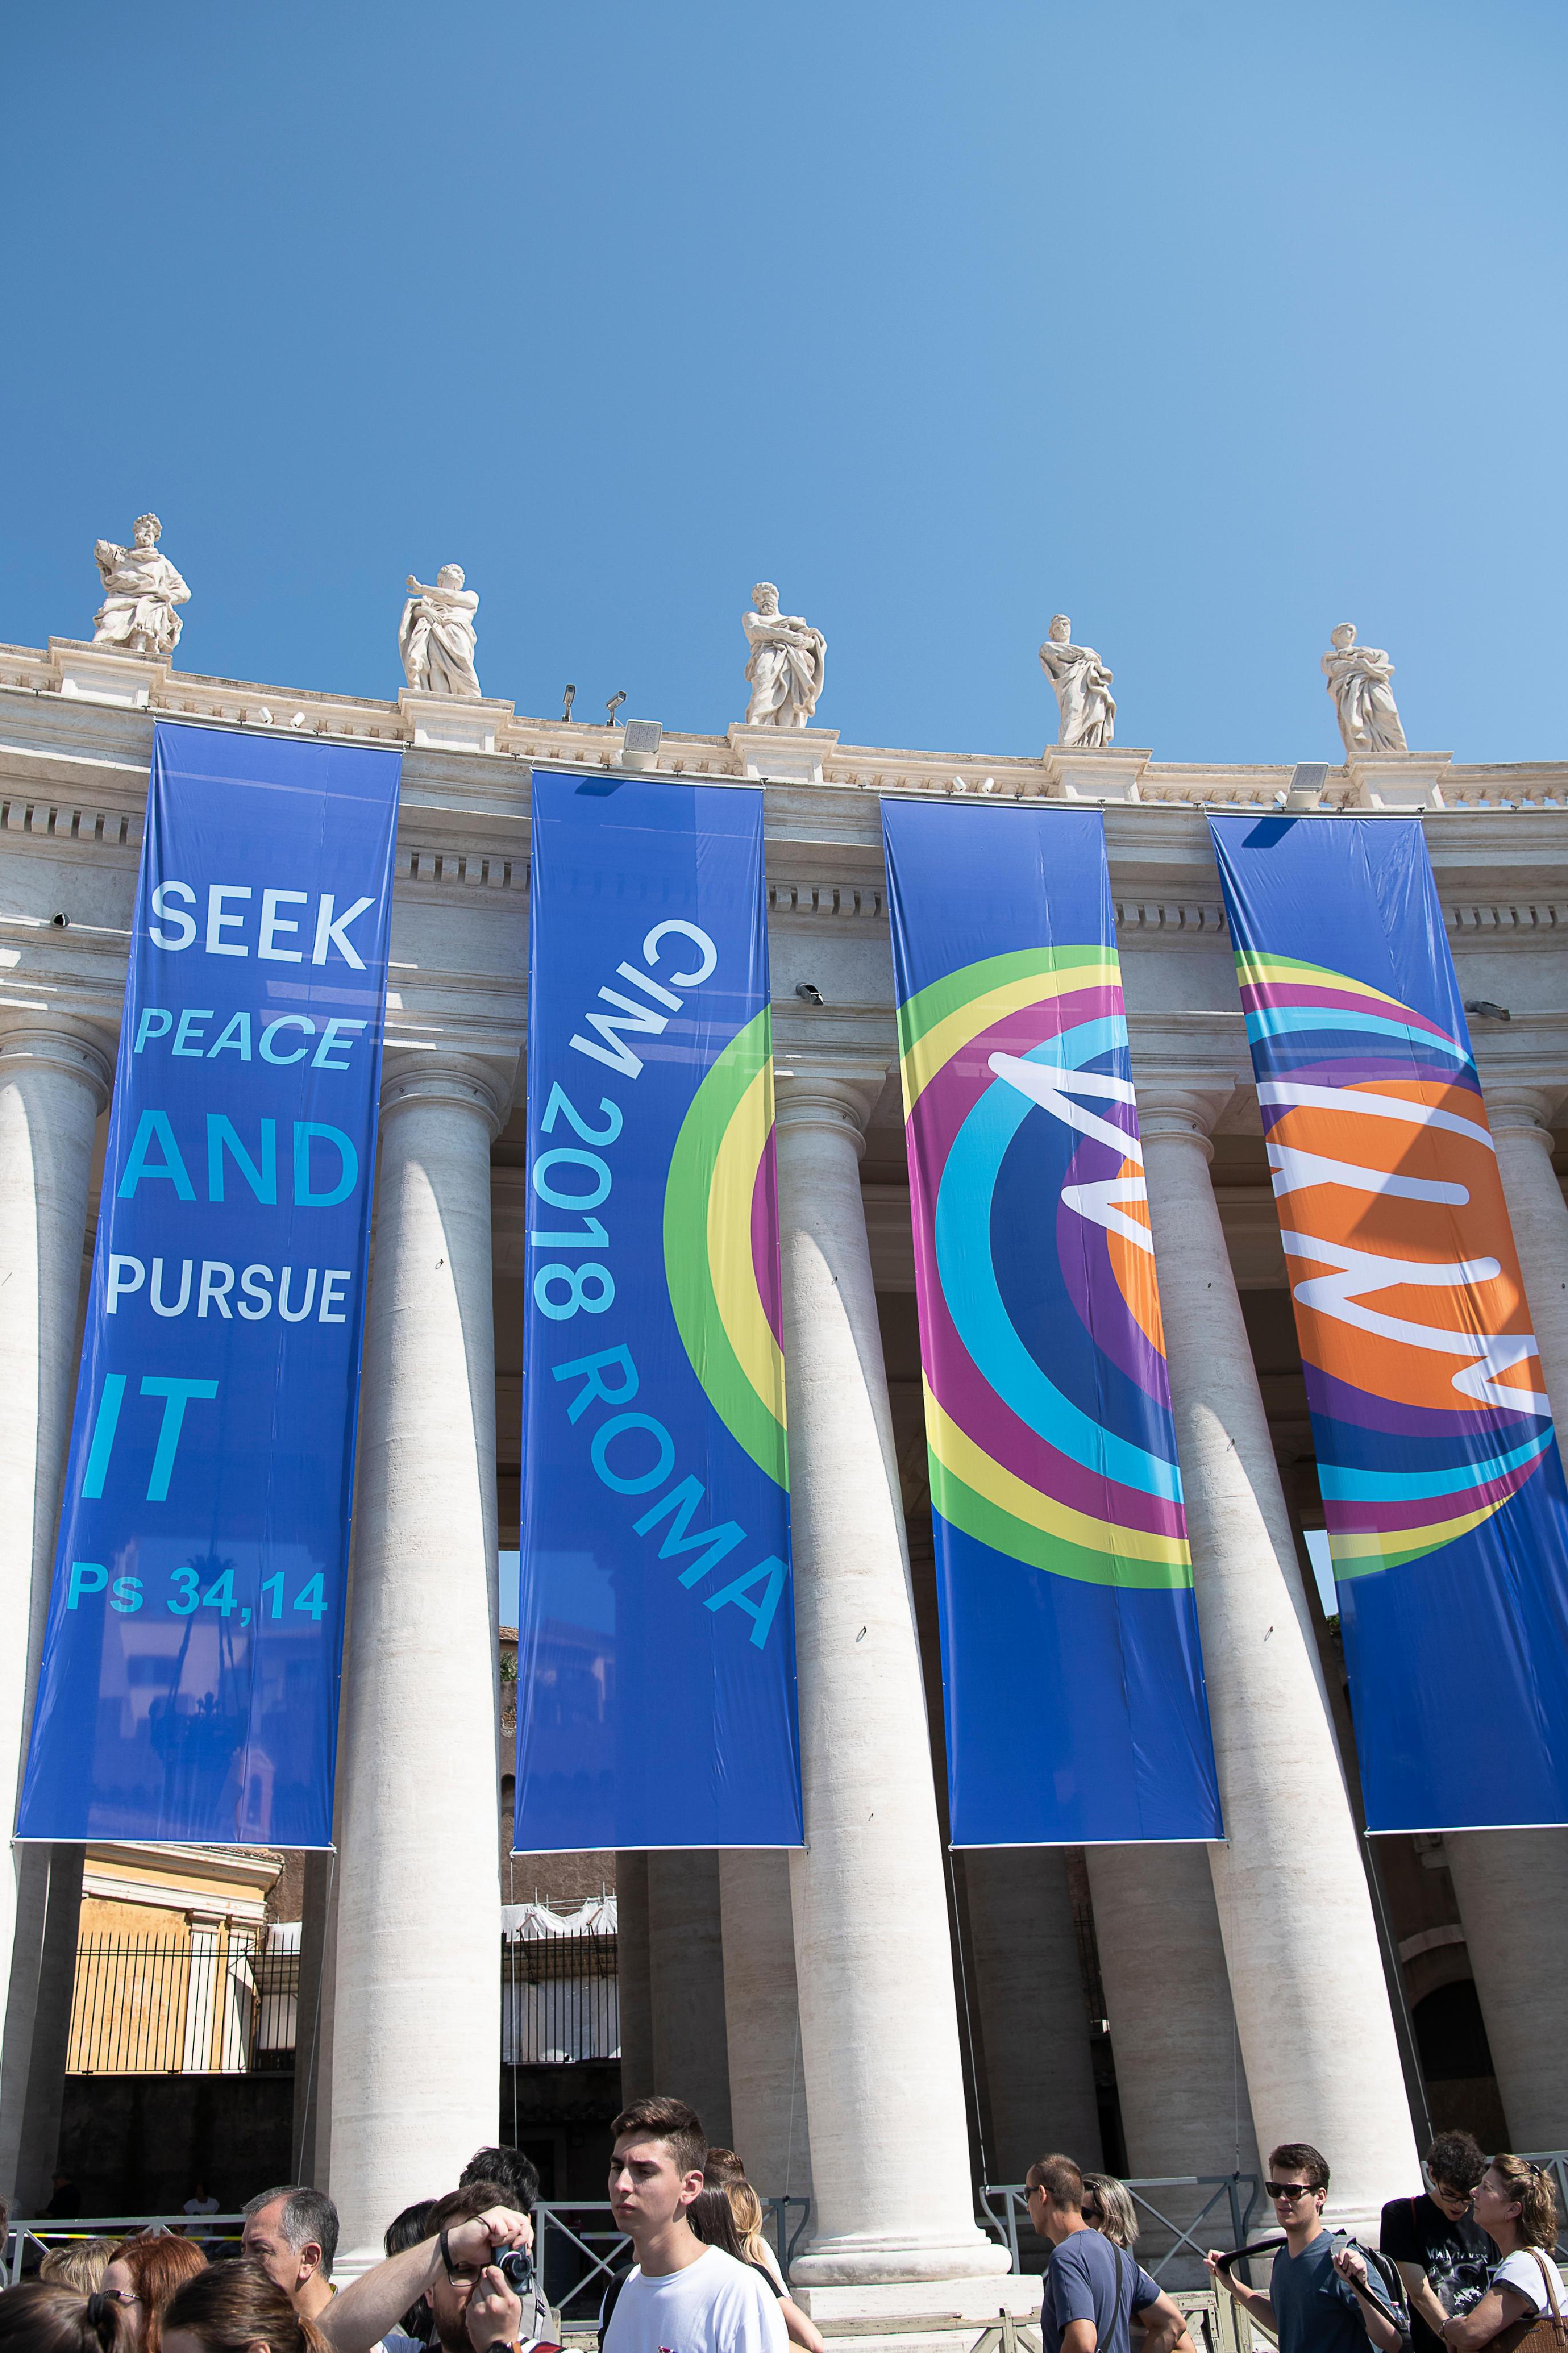 La paix, thème du rassemblement des servants de messe à Rome 2018 © Vatican Media